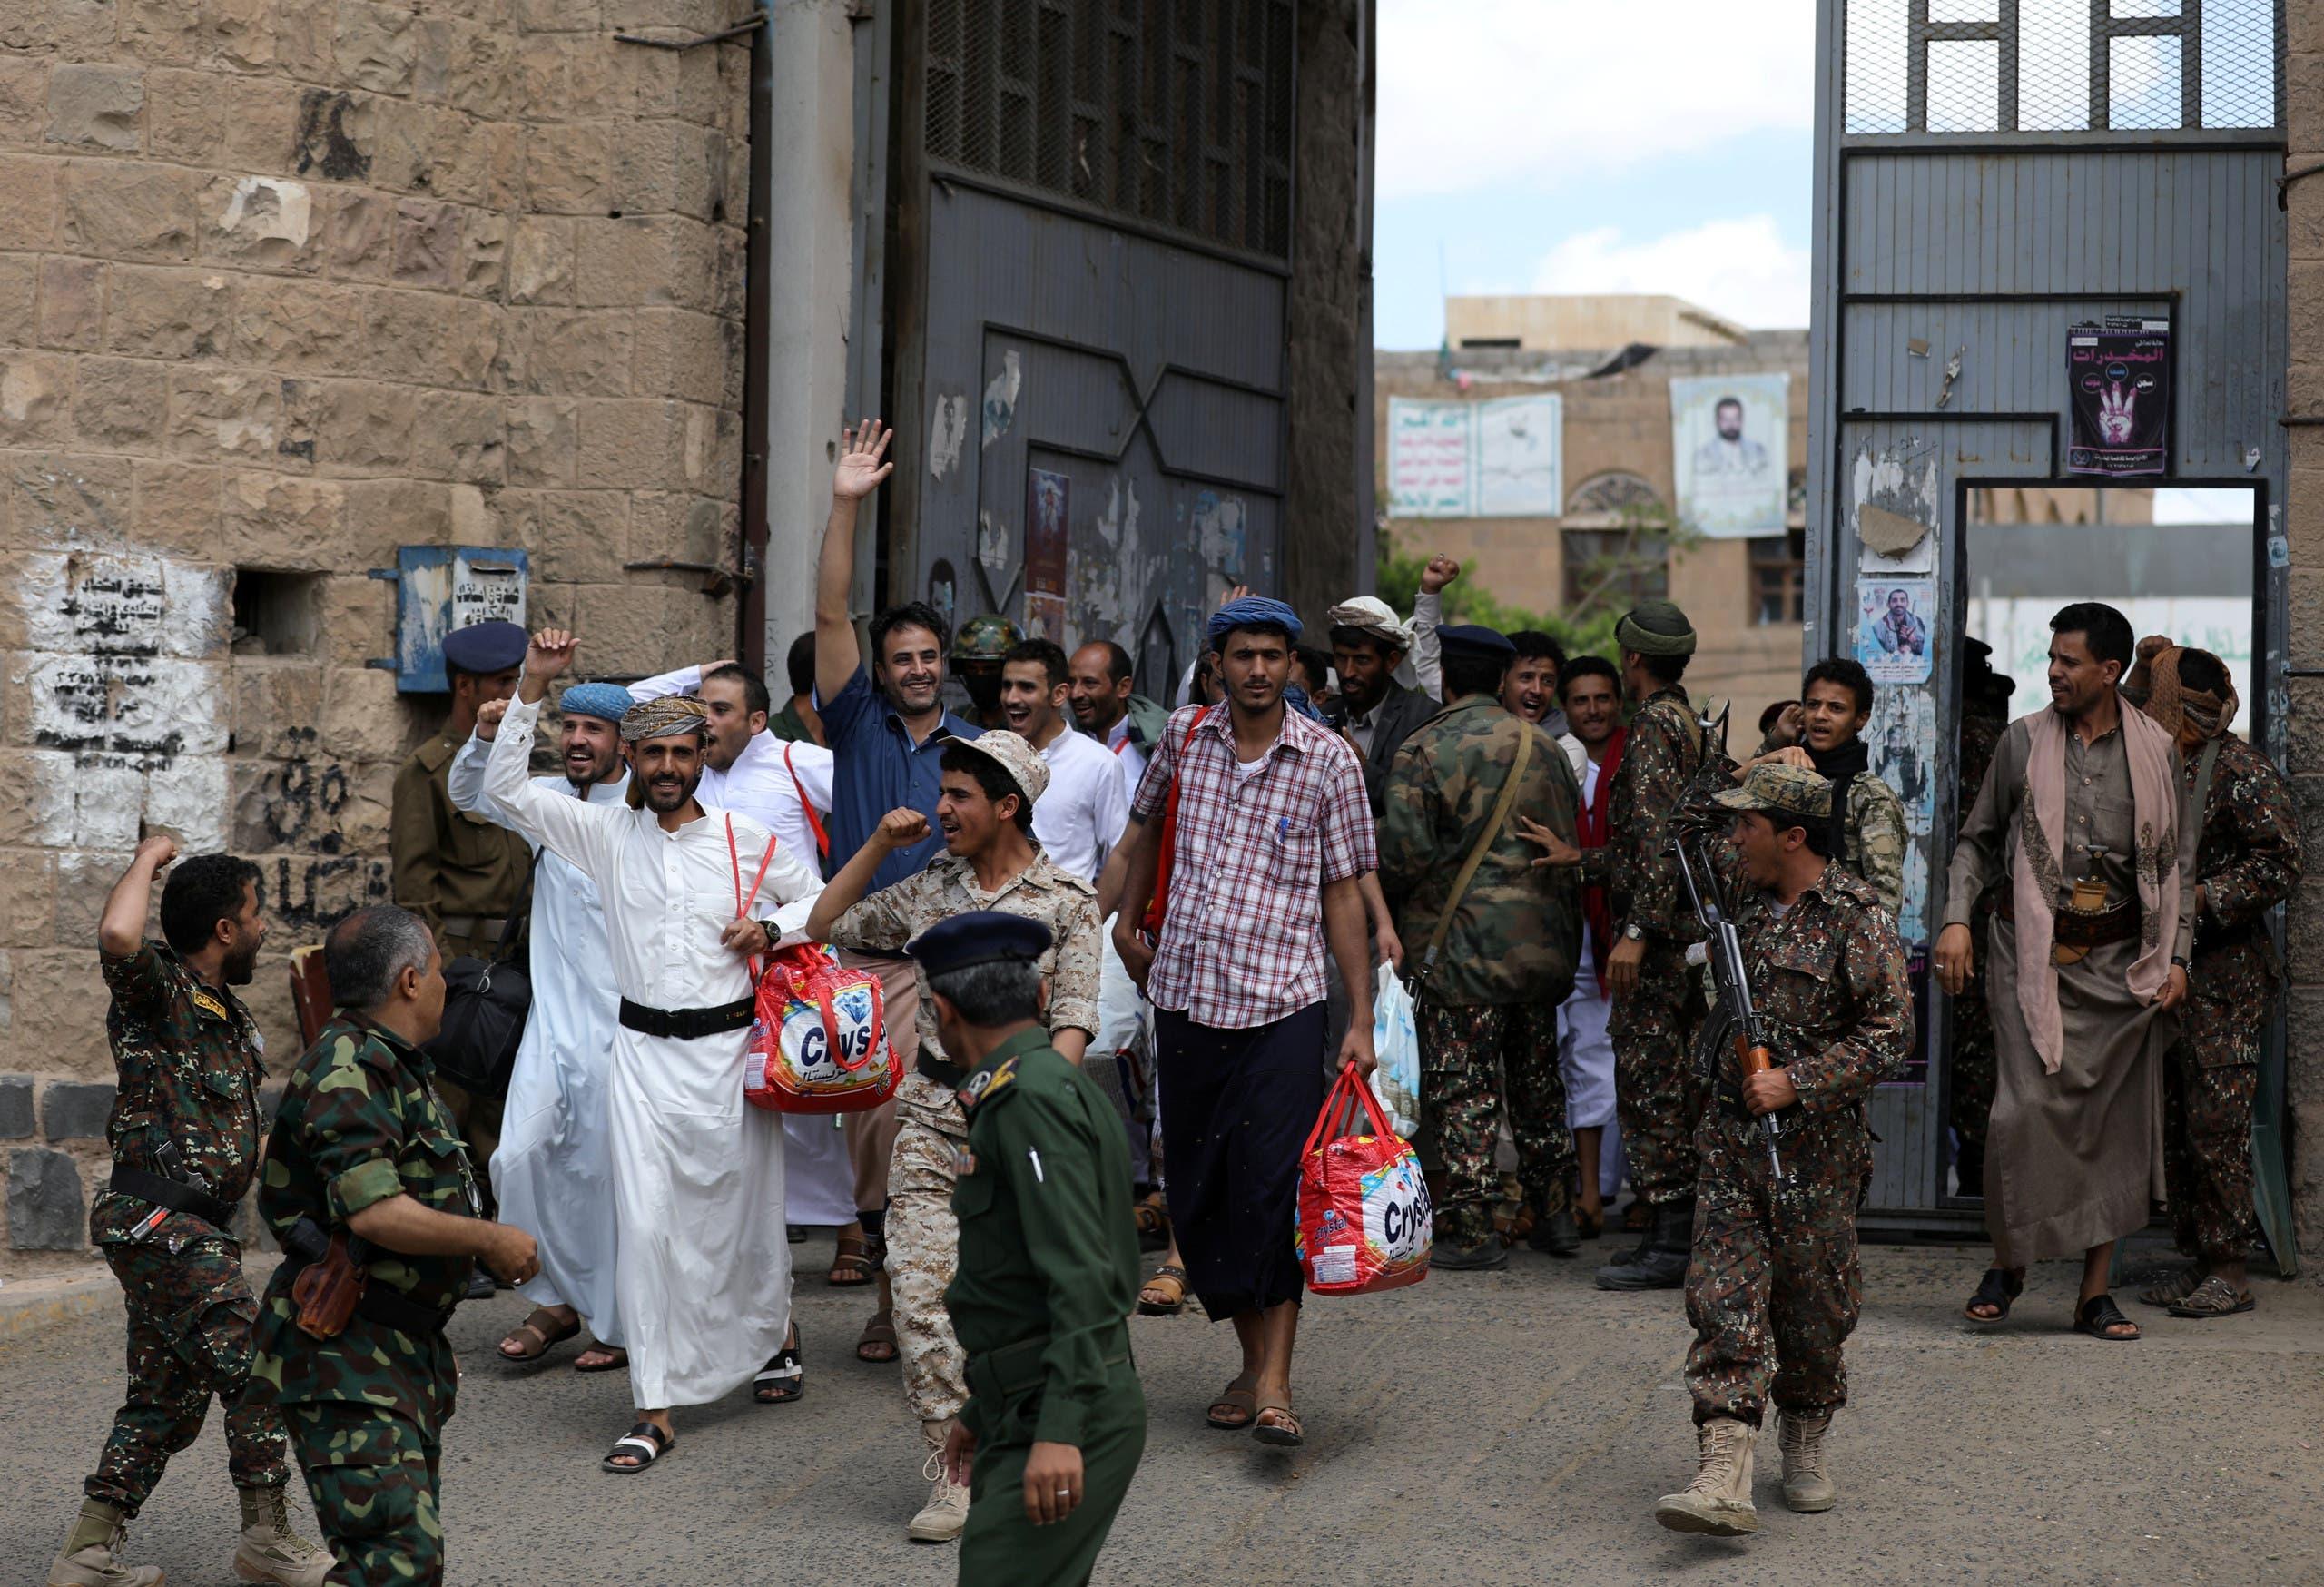 إطلاق سراح سجناء في صنعاء(أرشيفية)